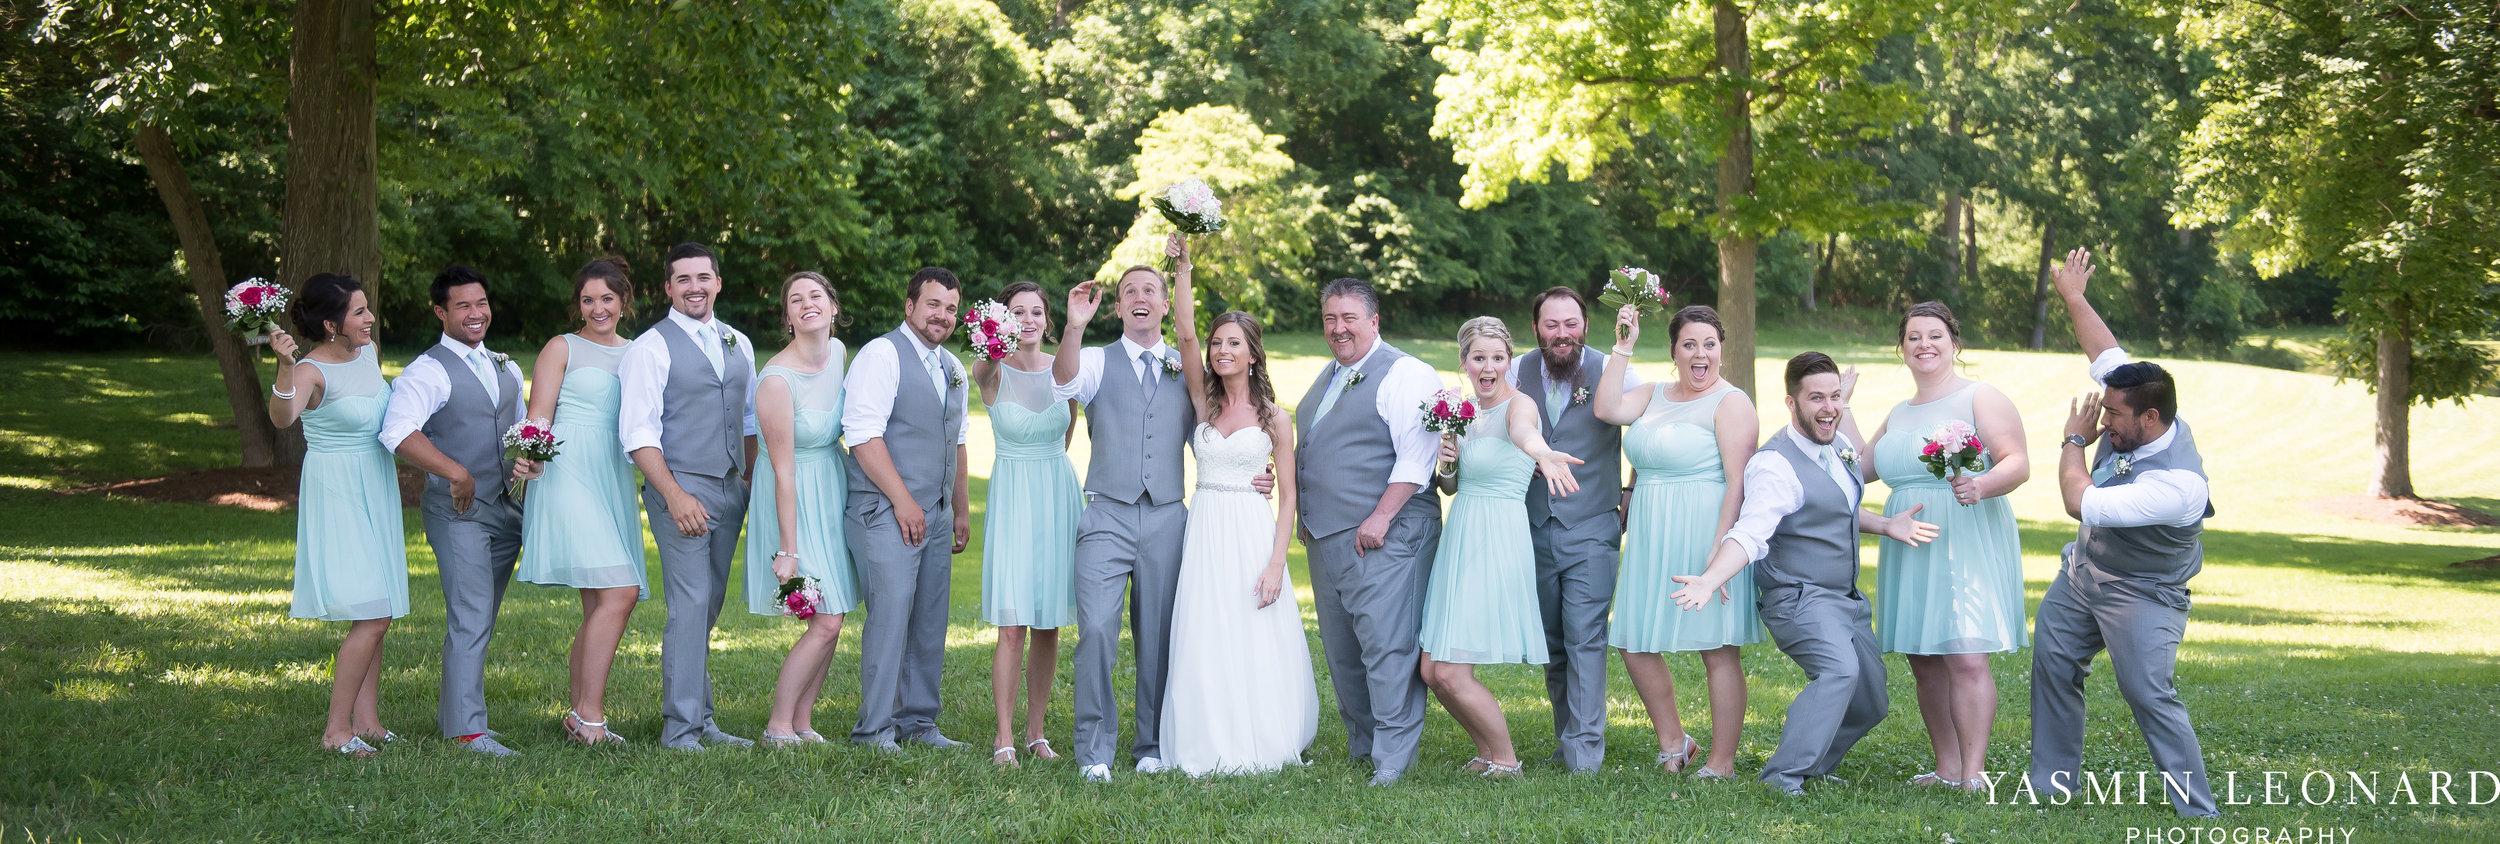 Leslie and Allen - L'abri at Linwood Wedding-81.jpg